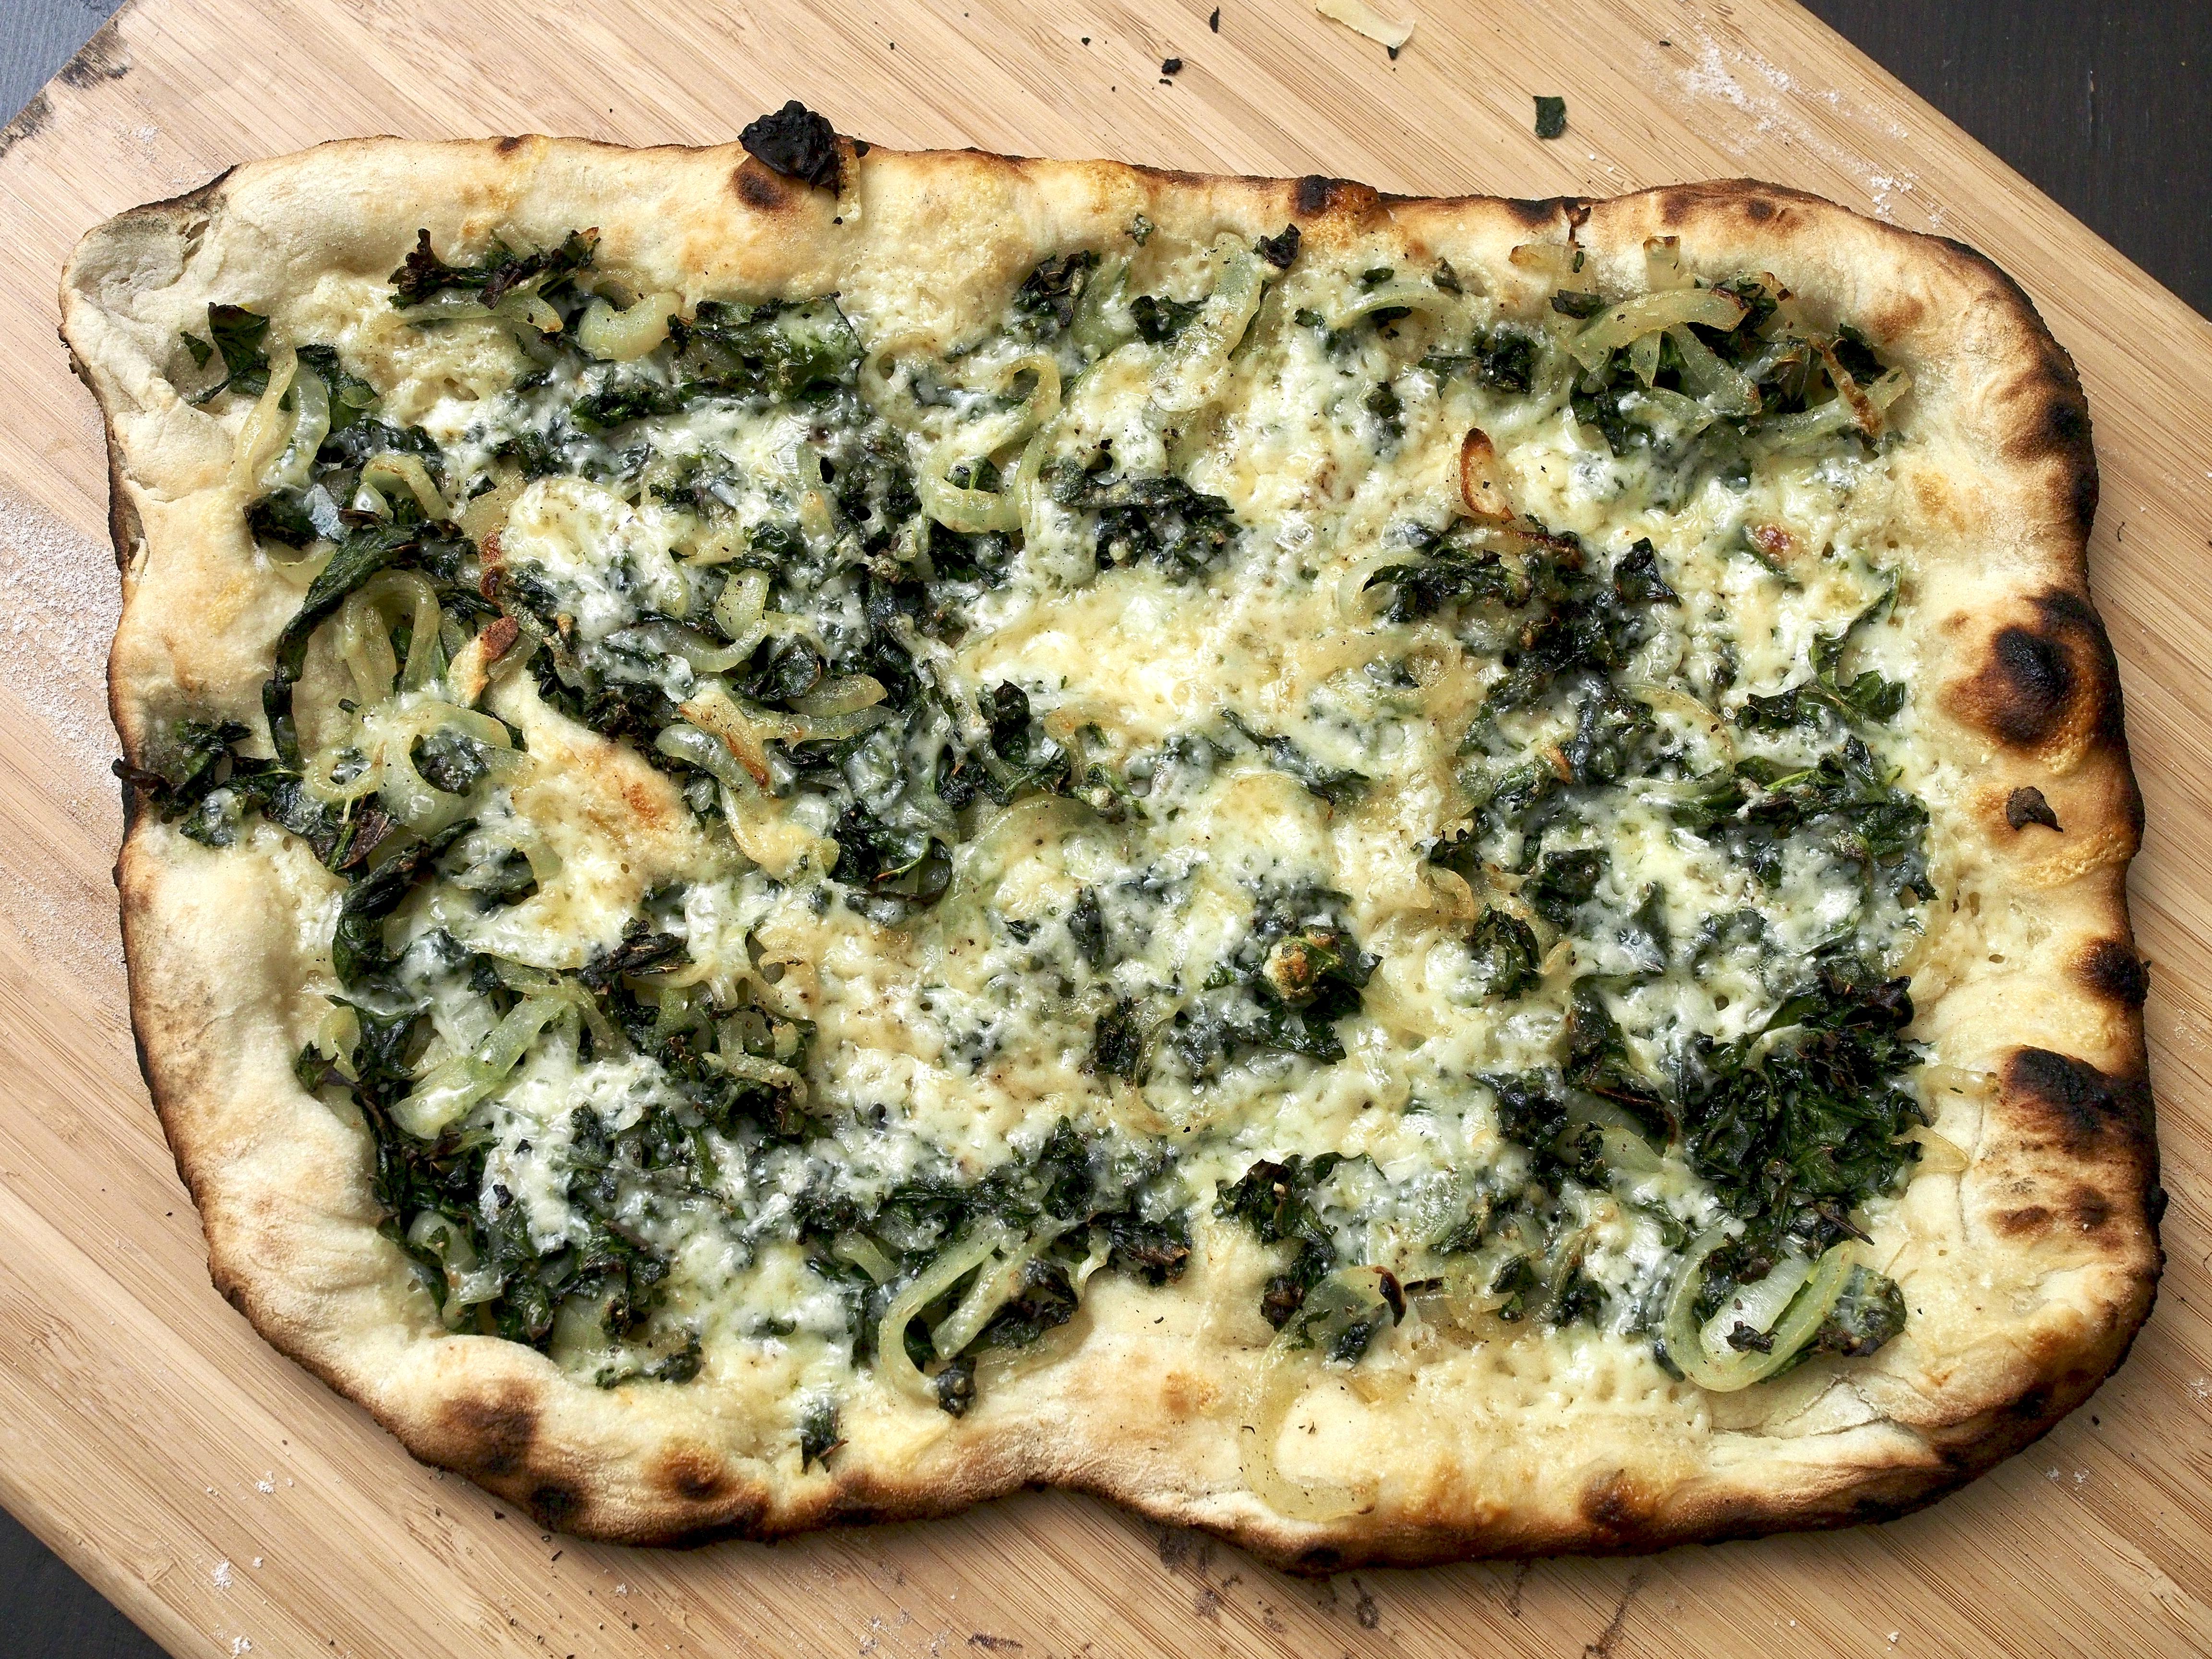 Kale & onion pizza